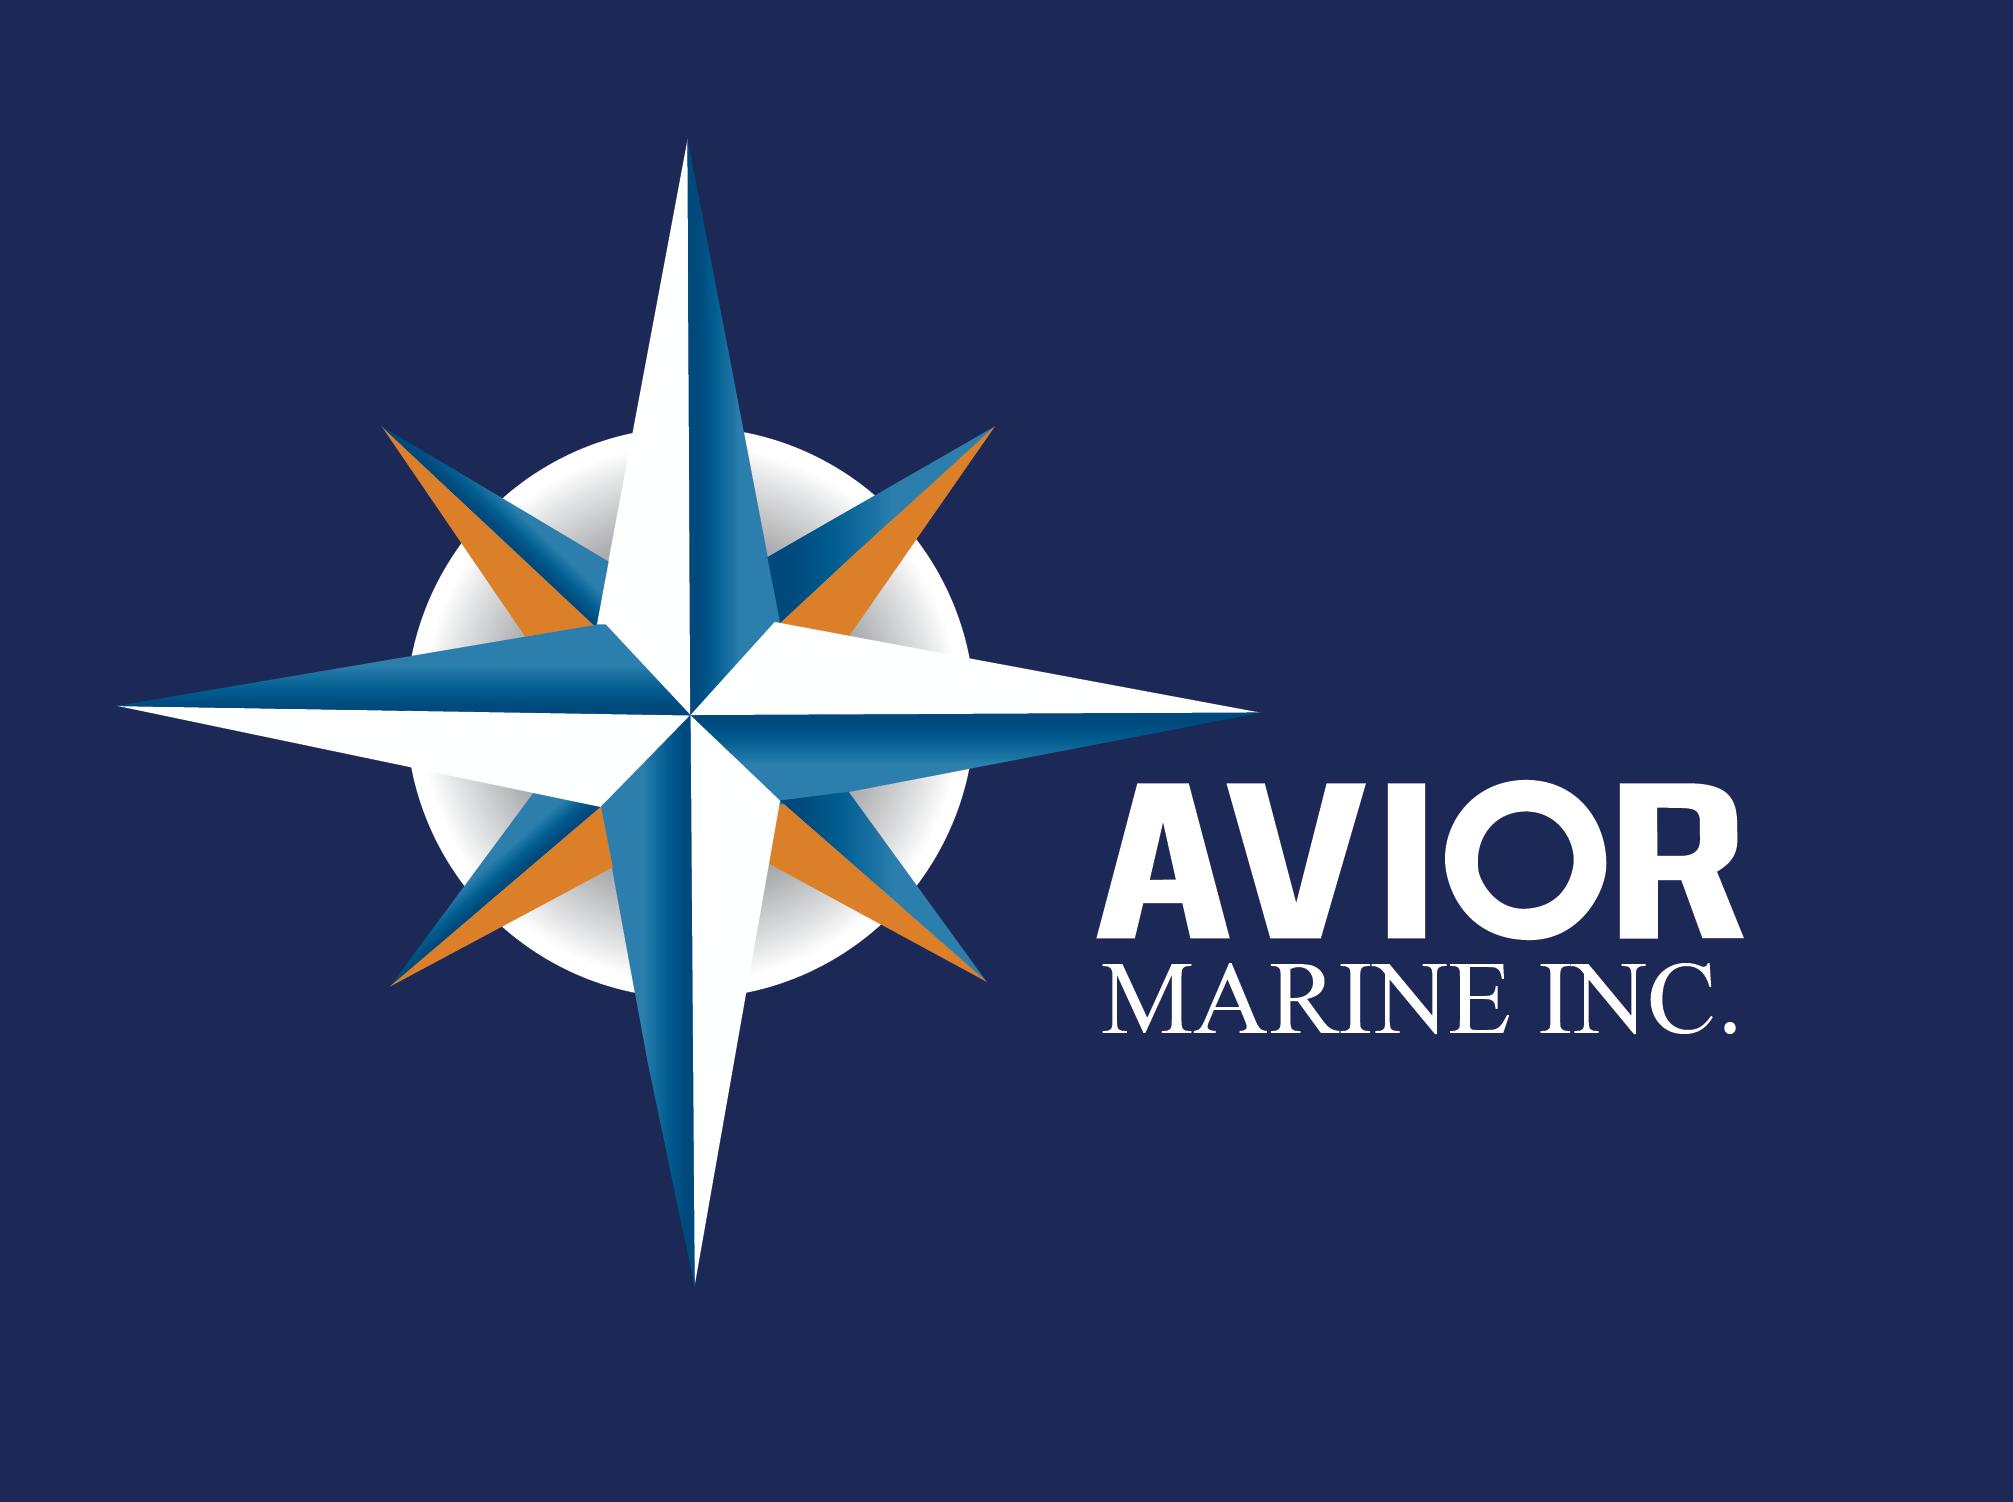 Avior Marine